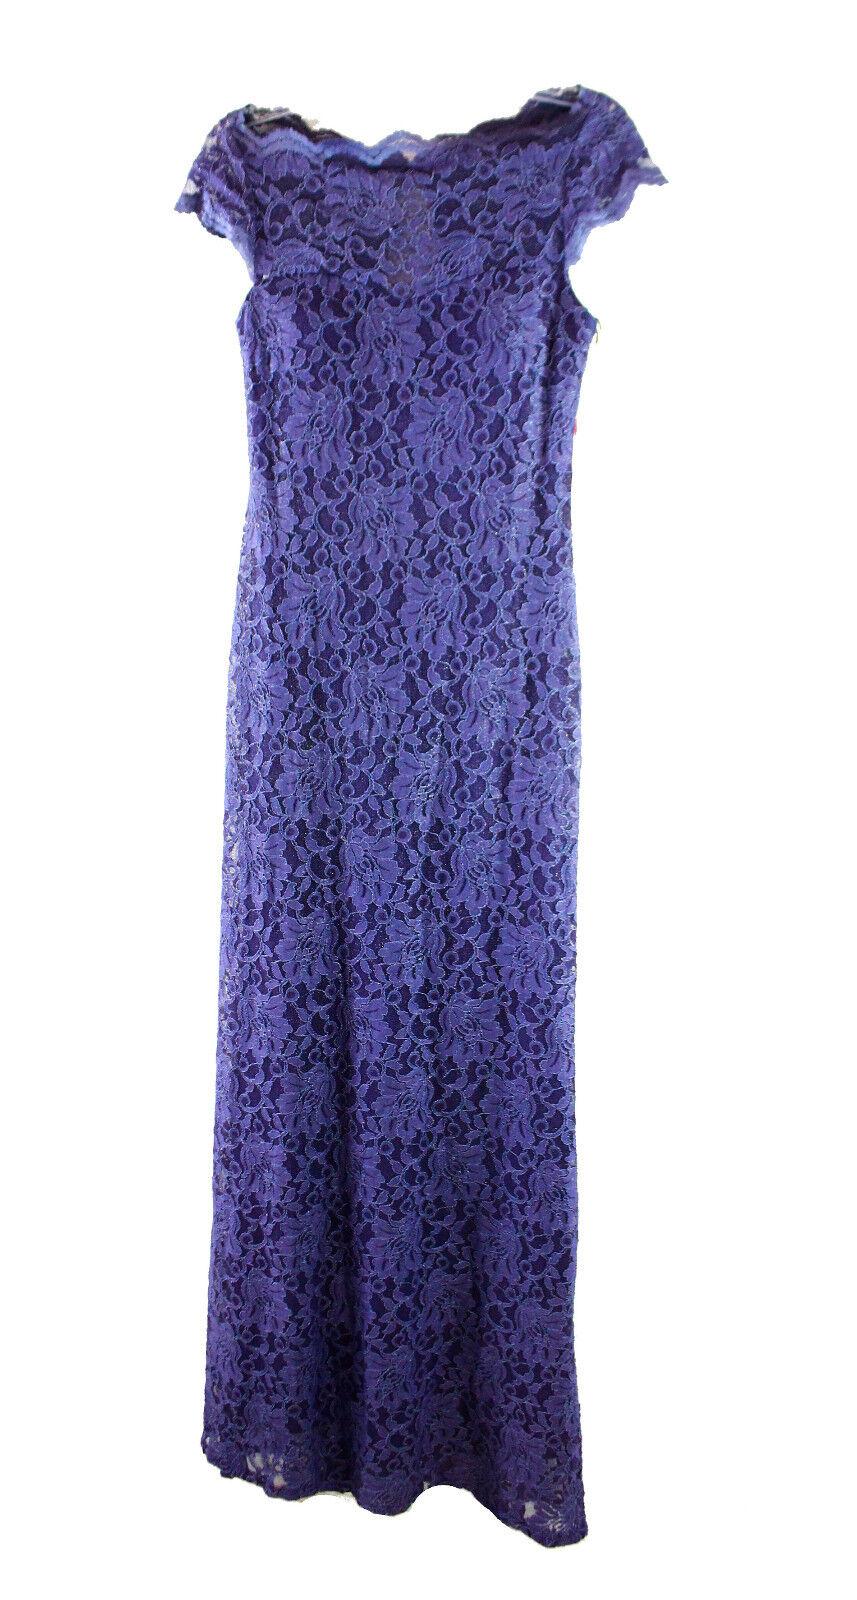 Nightway Women's Size 4 Purple Steel Illusion Lace Sheath Gown 2276-3